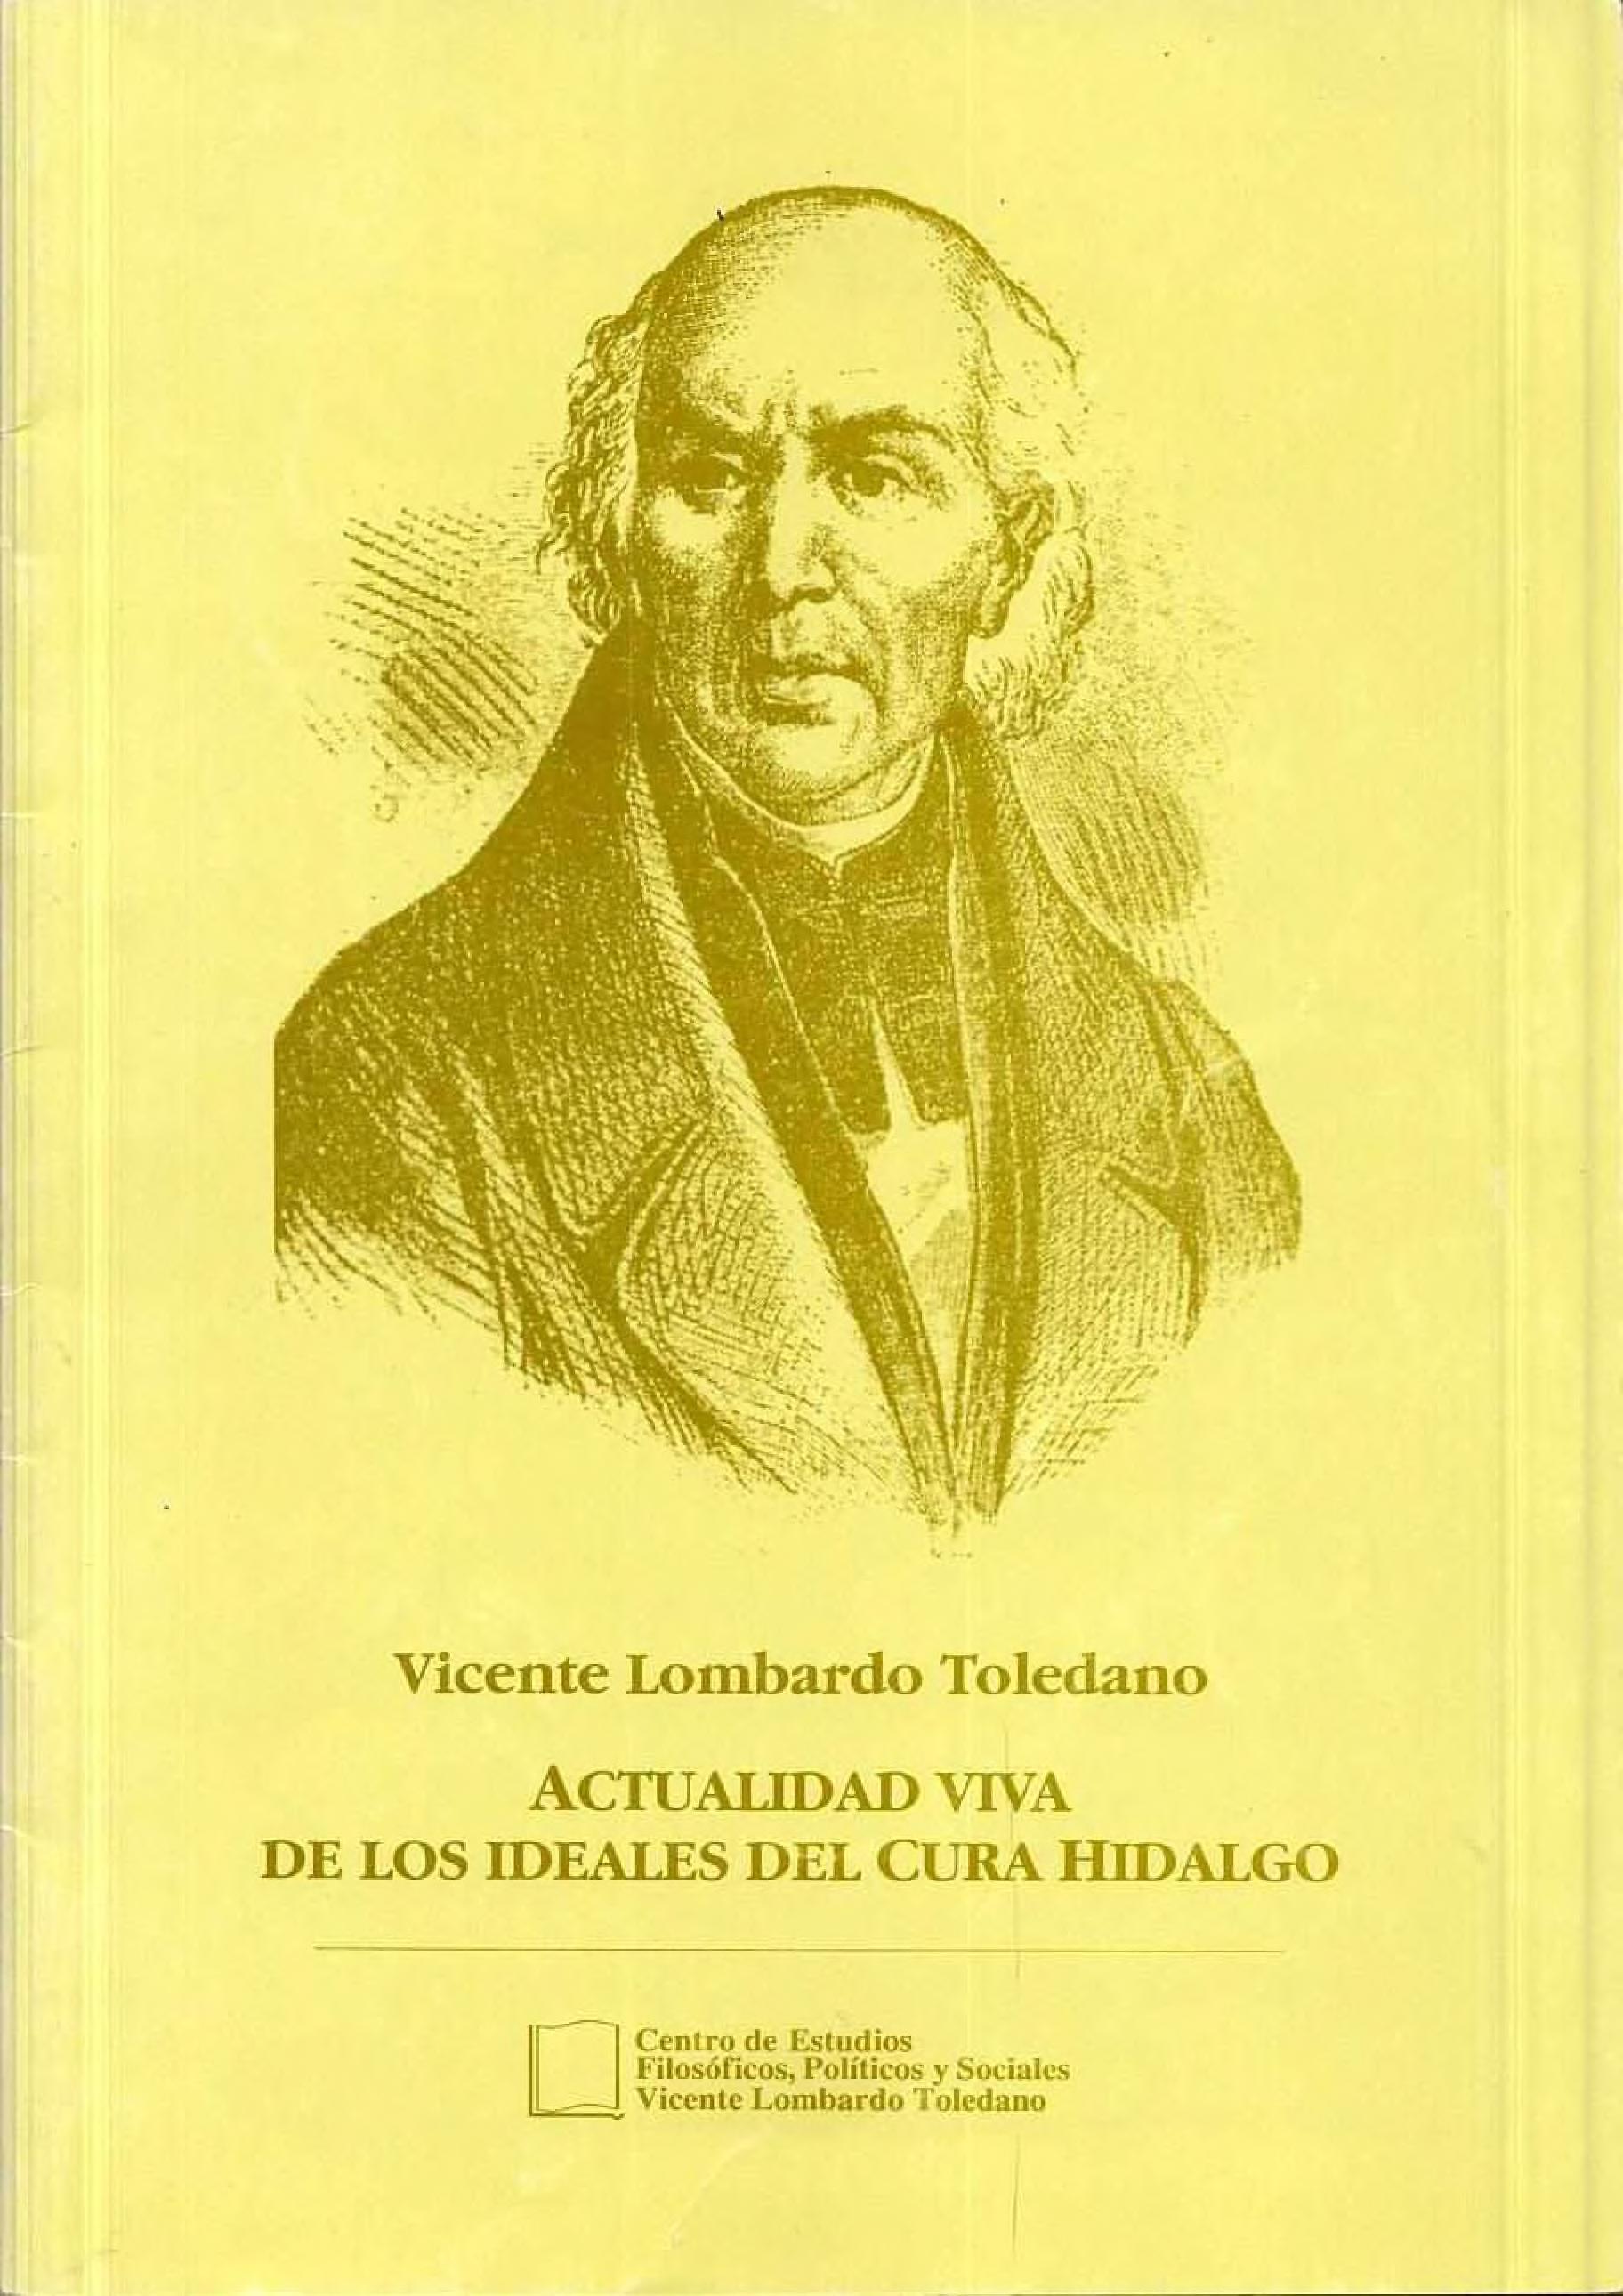 Portada del libro: Actualidad viva de los ideales del cura Hidalgo